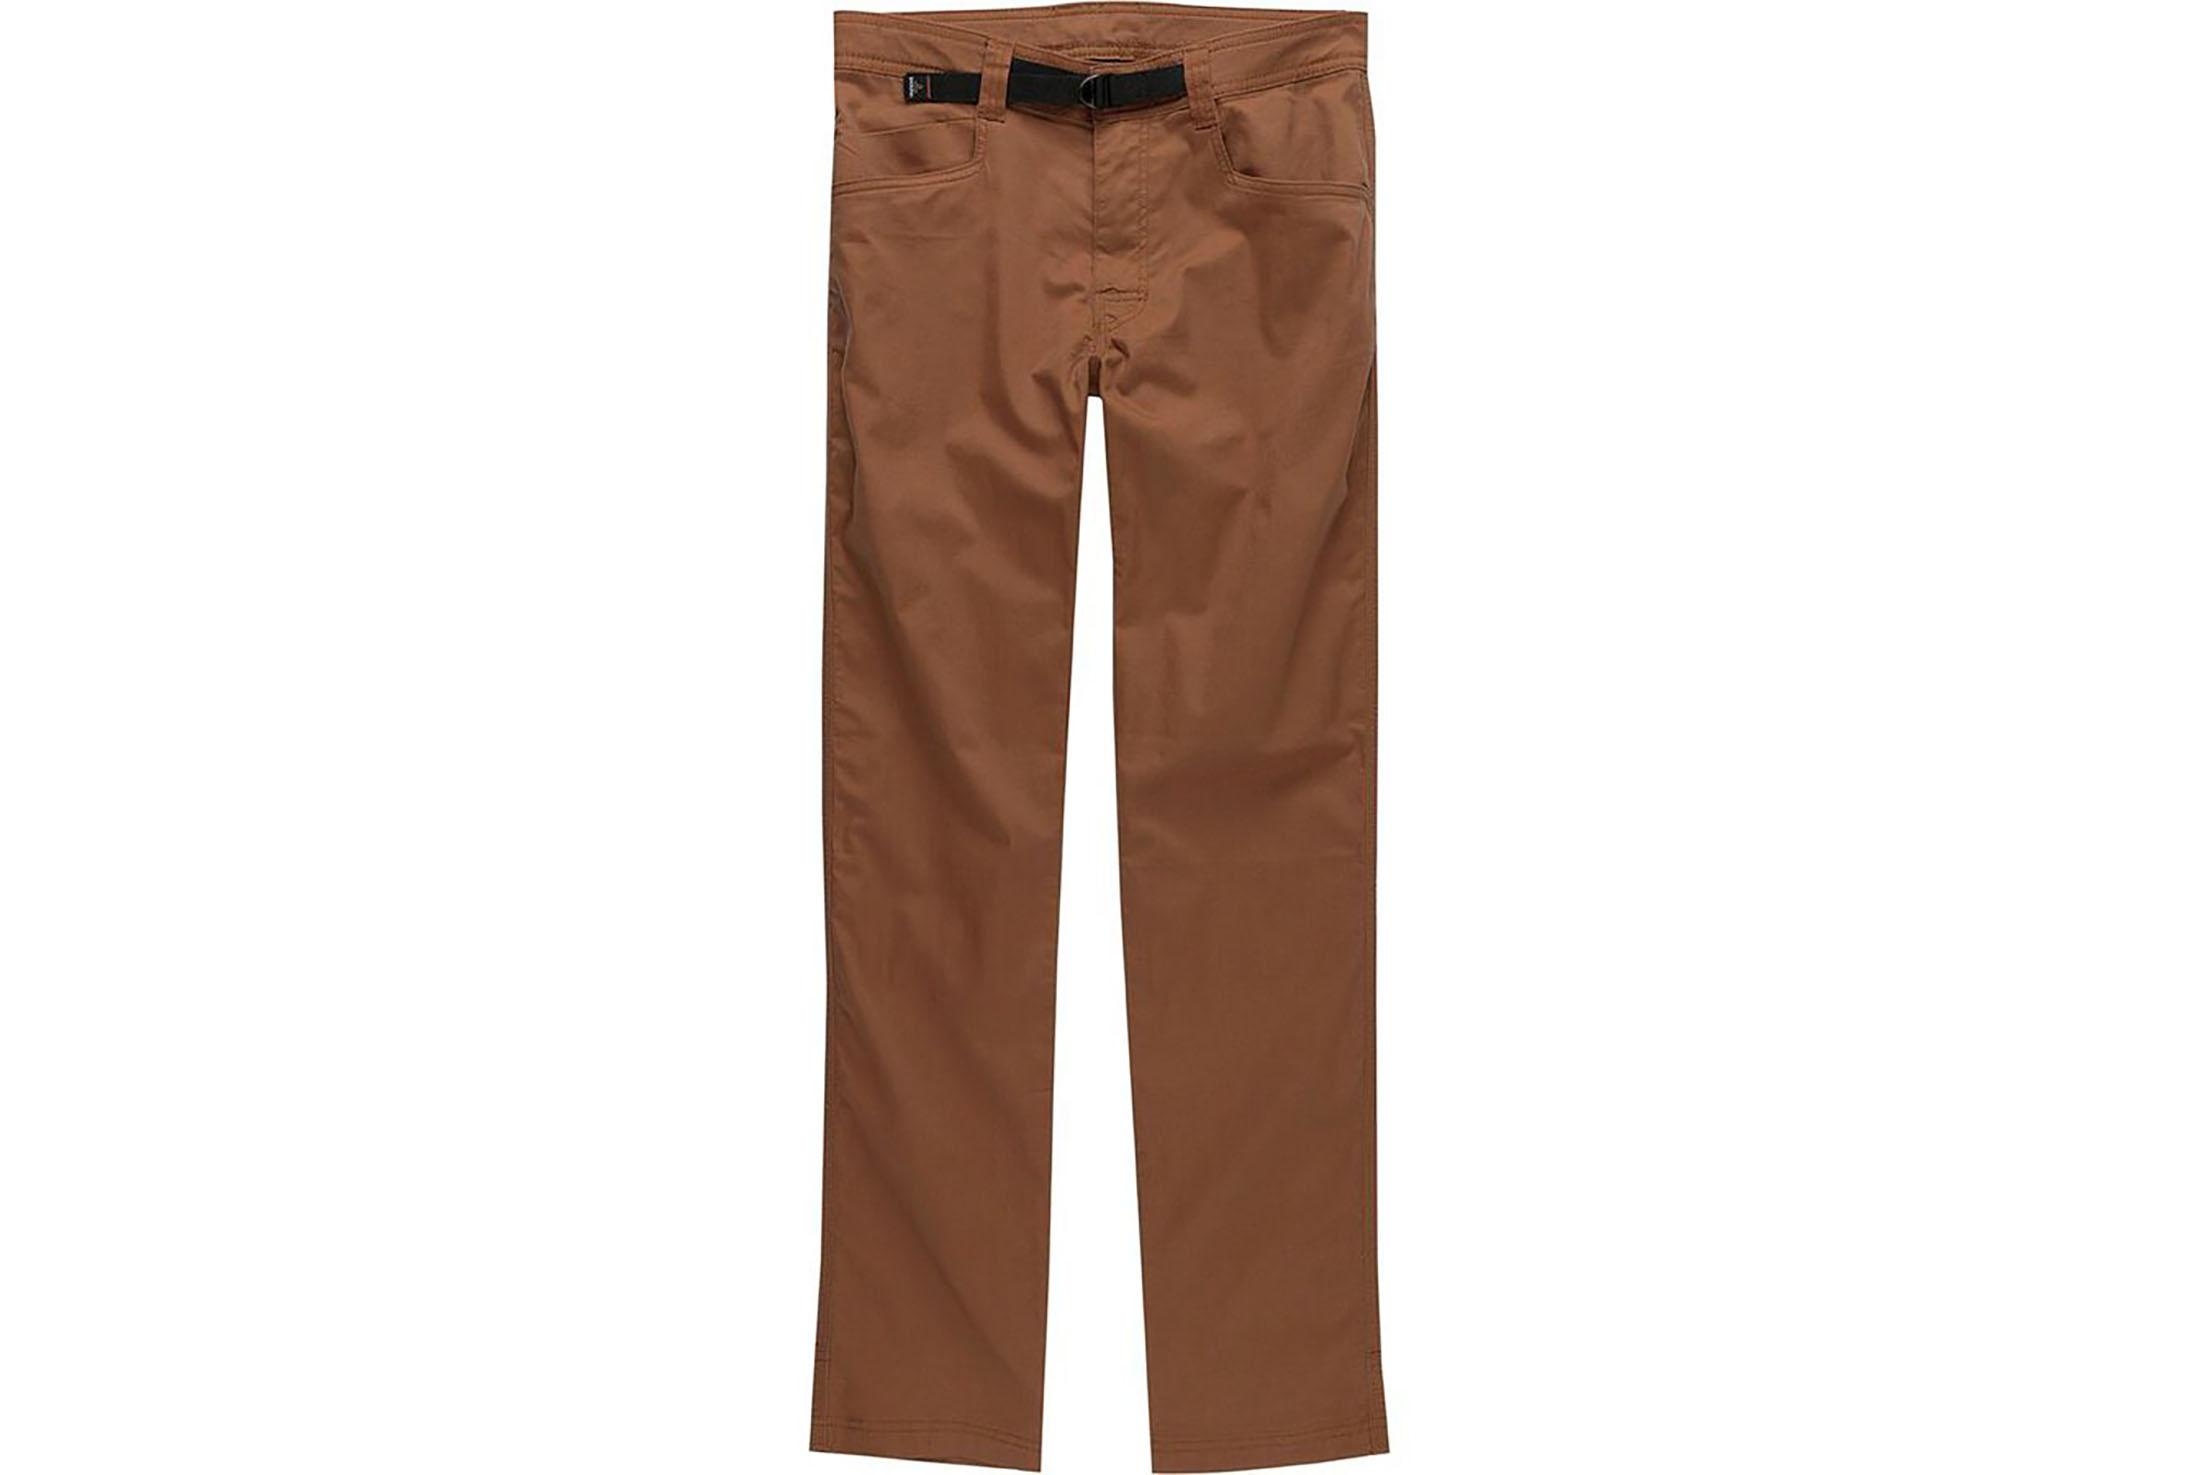 Brown prAna Rockland Pant